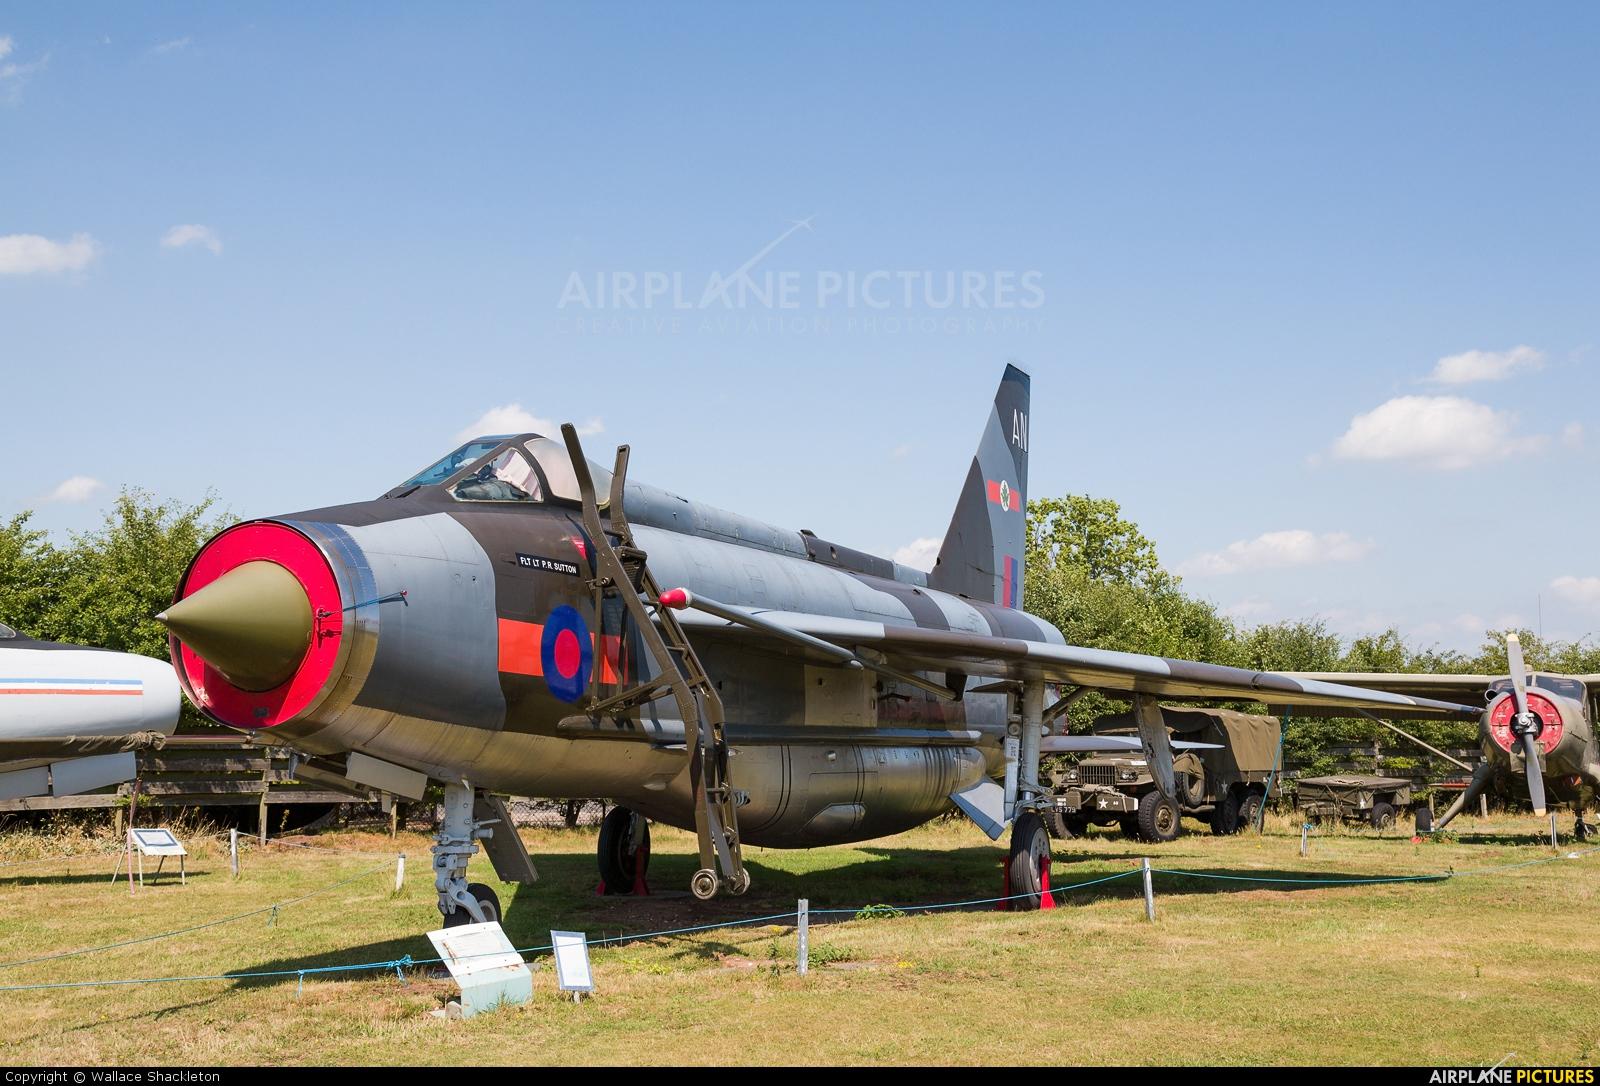 Royal Air Force XR771 aircraft at Coventry